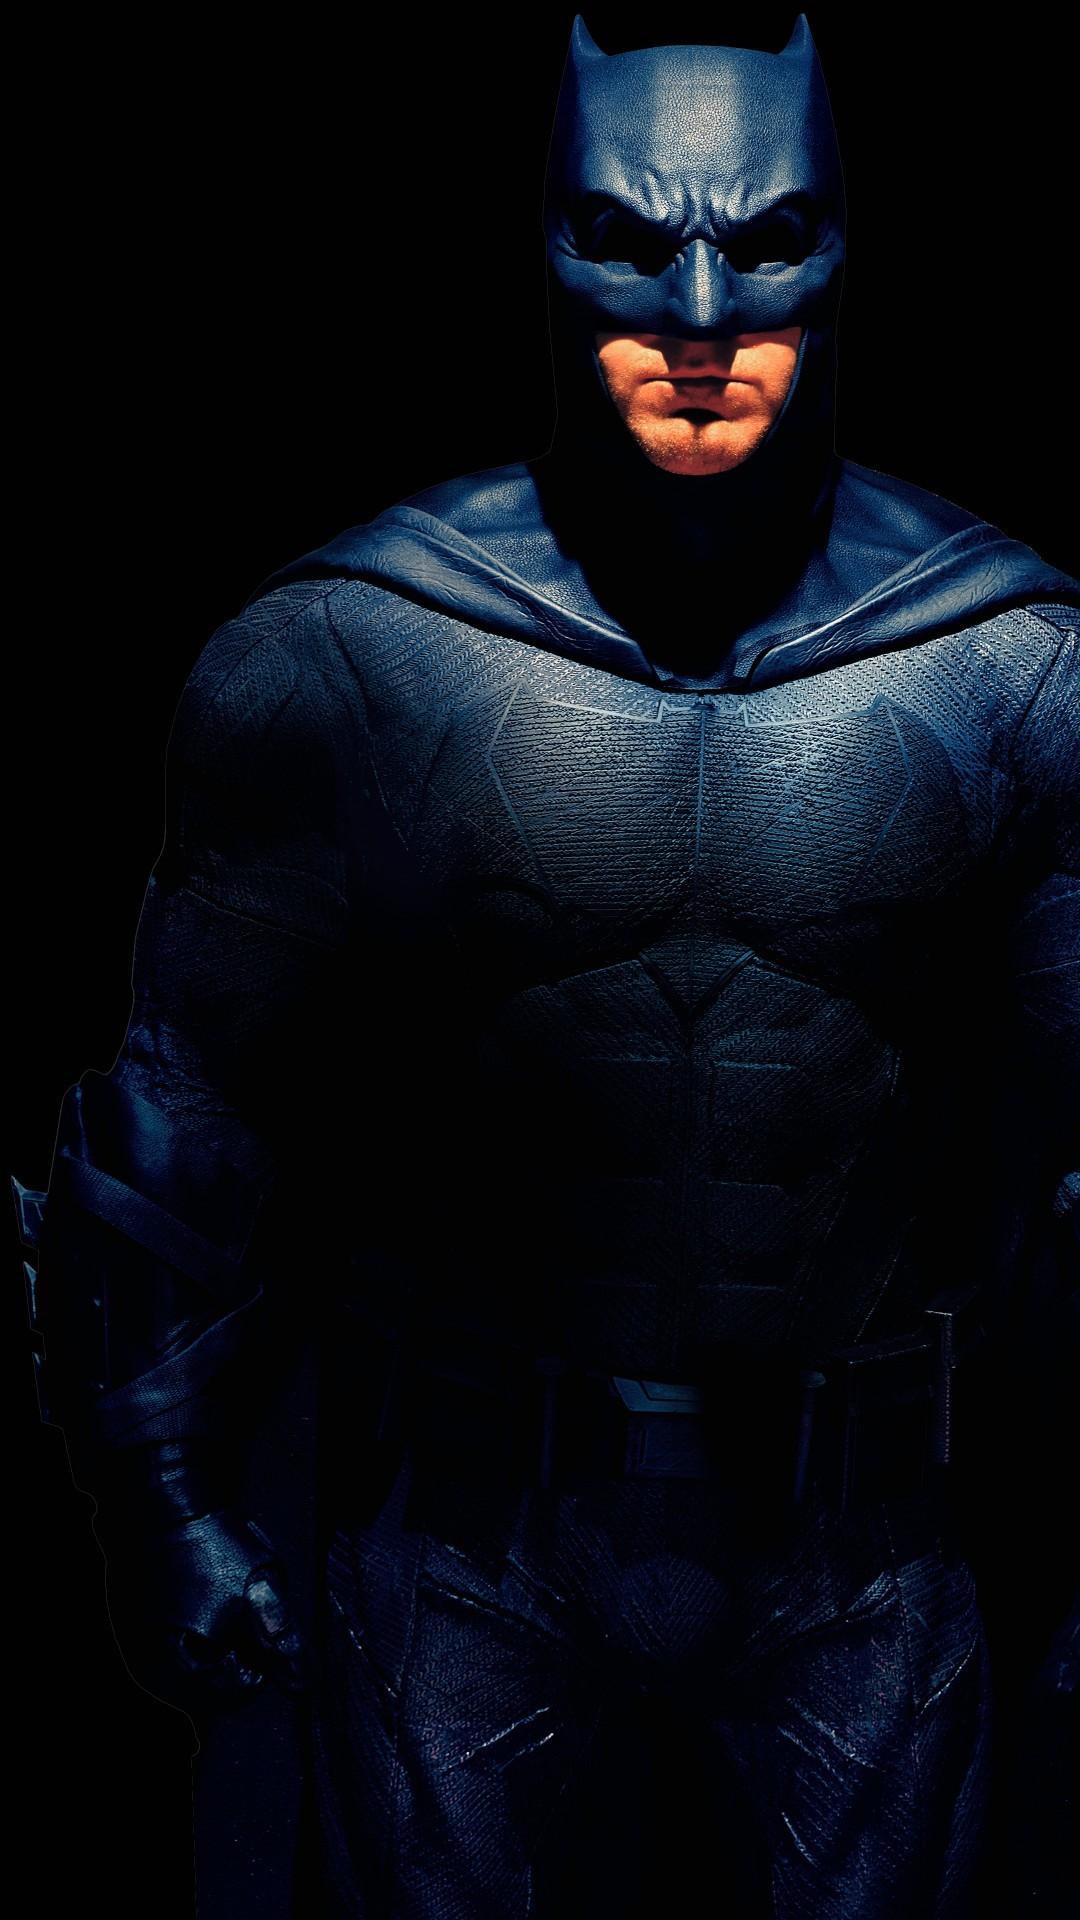 Free Batman Justice League Part One phone wallpaper by memem